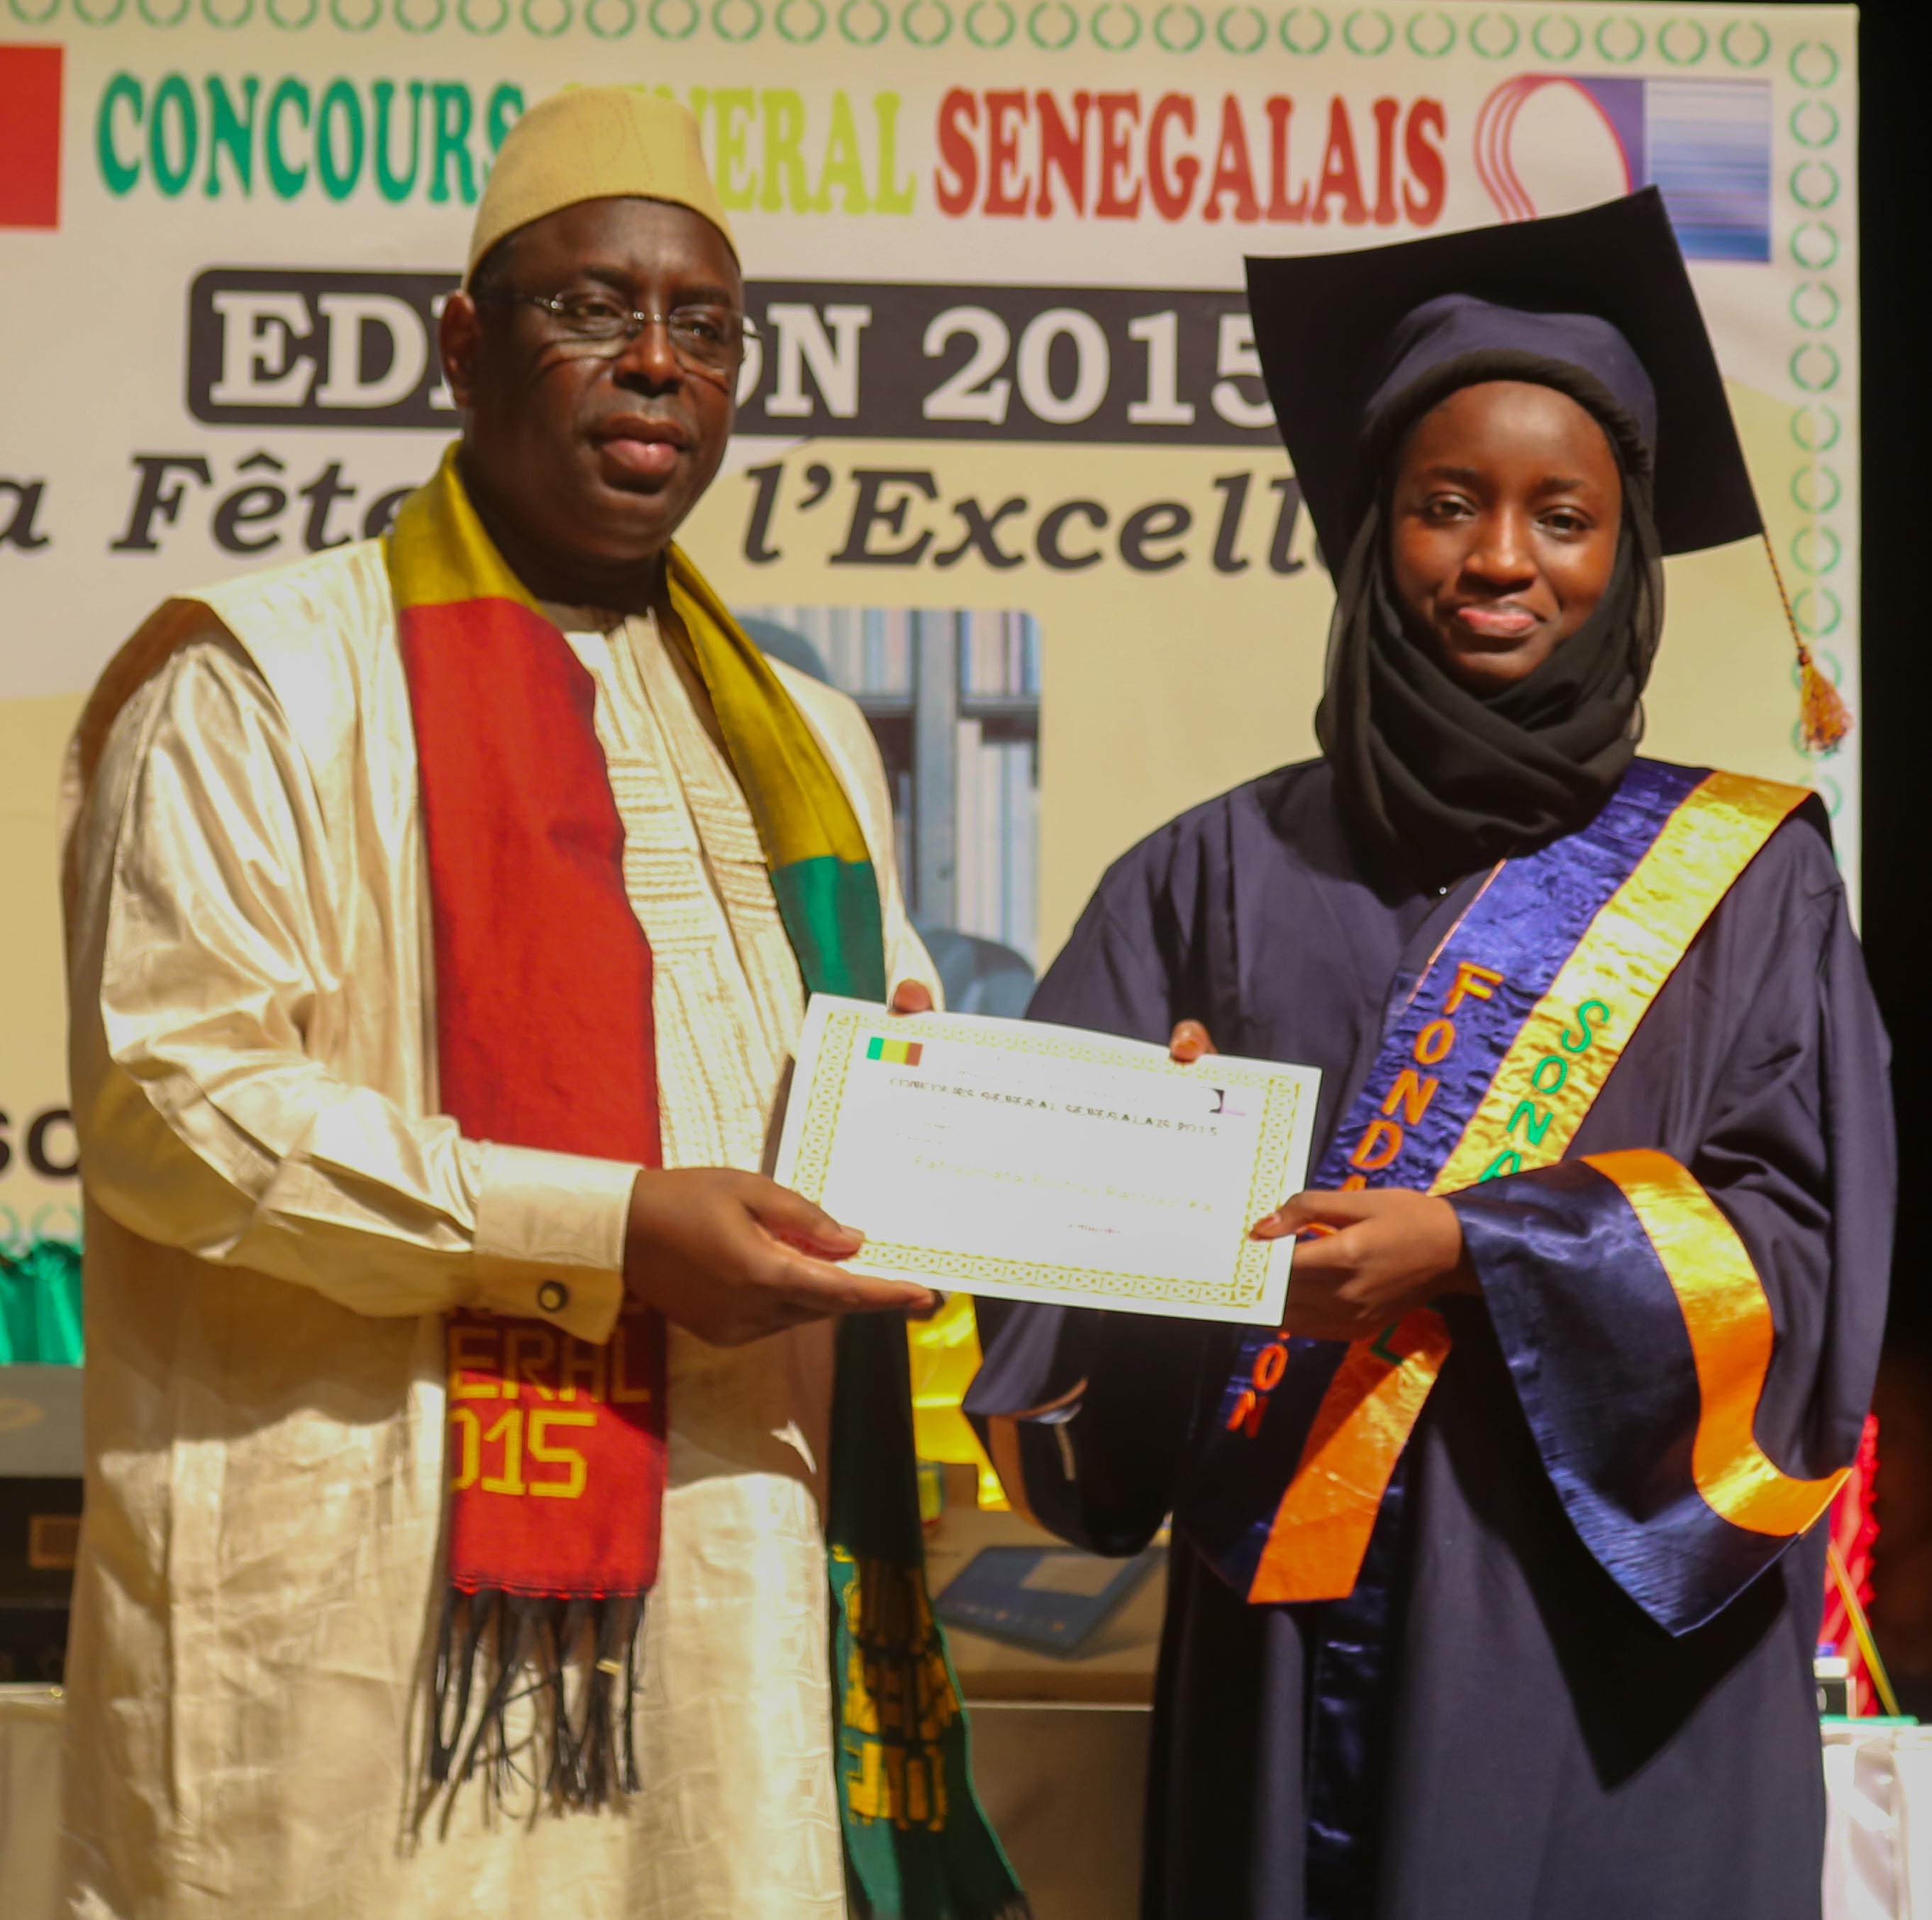 Concours général : La Diaspora sénégalaise offre 1,2 million Cfa à 4 lauréats